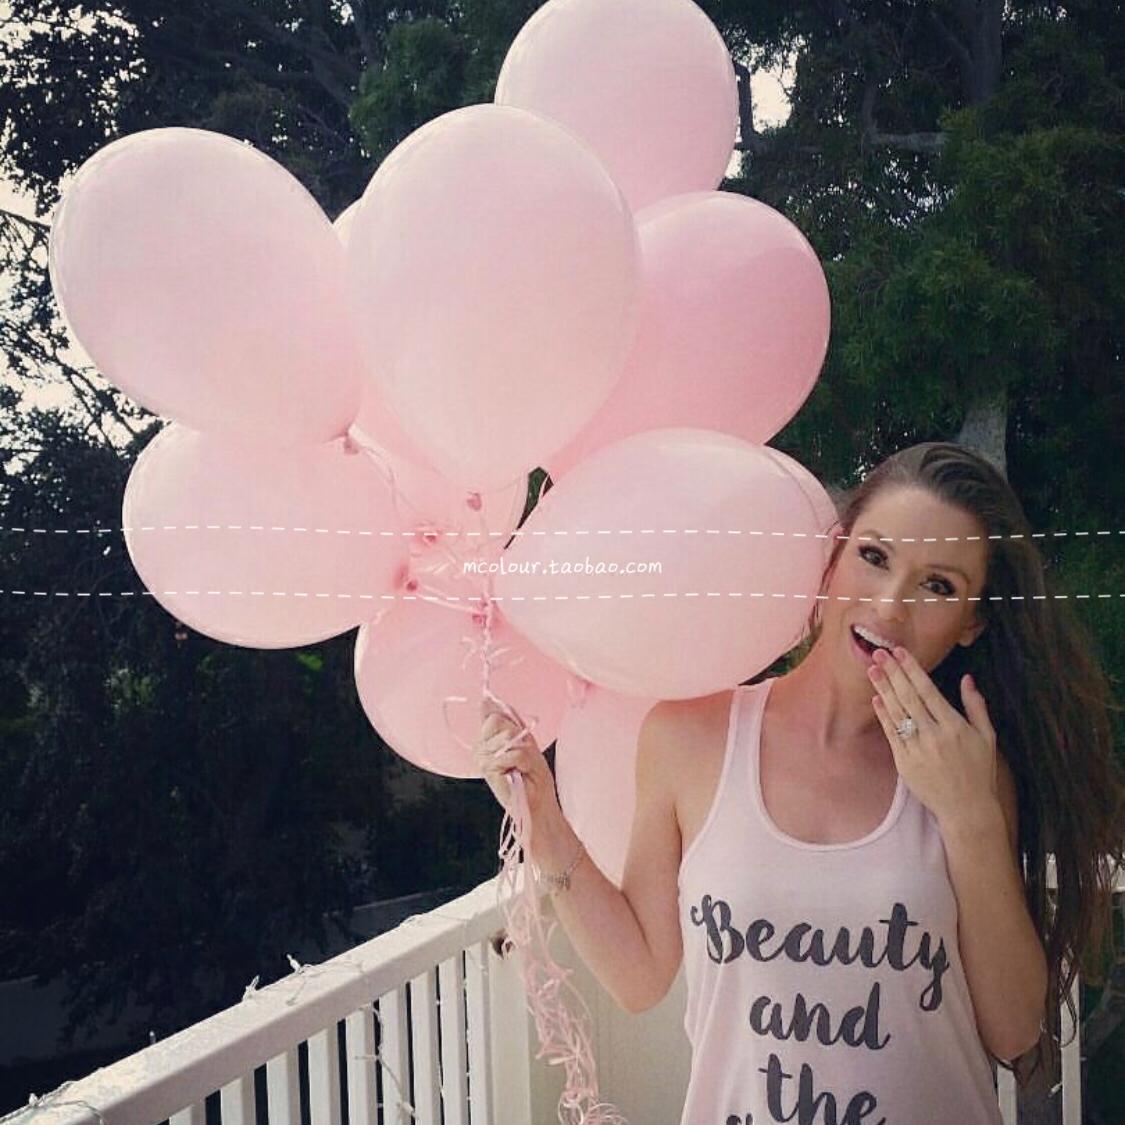 氦气罐飘空气球派对布置氮气气球打气筒Air balloons Party decor